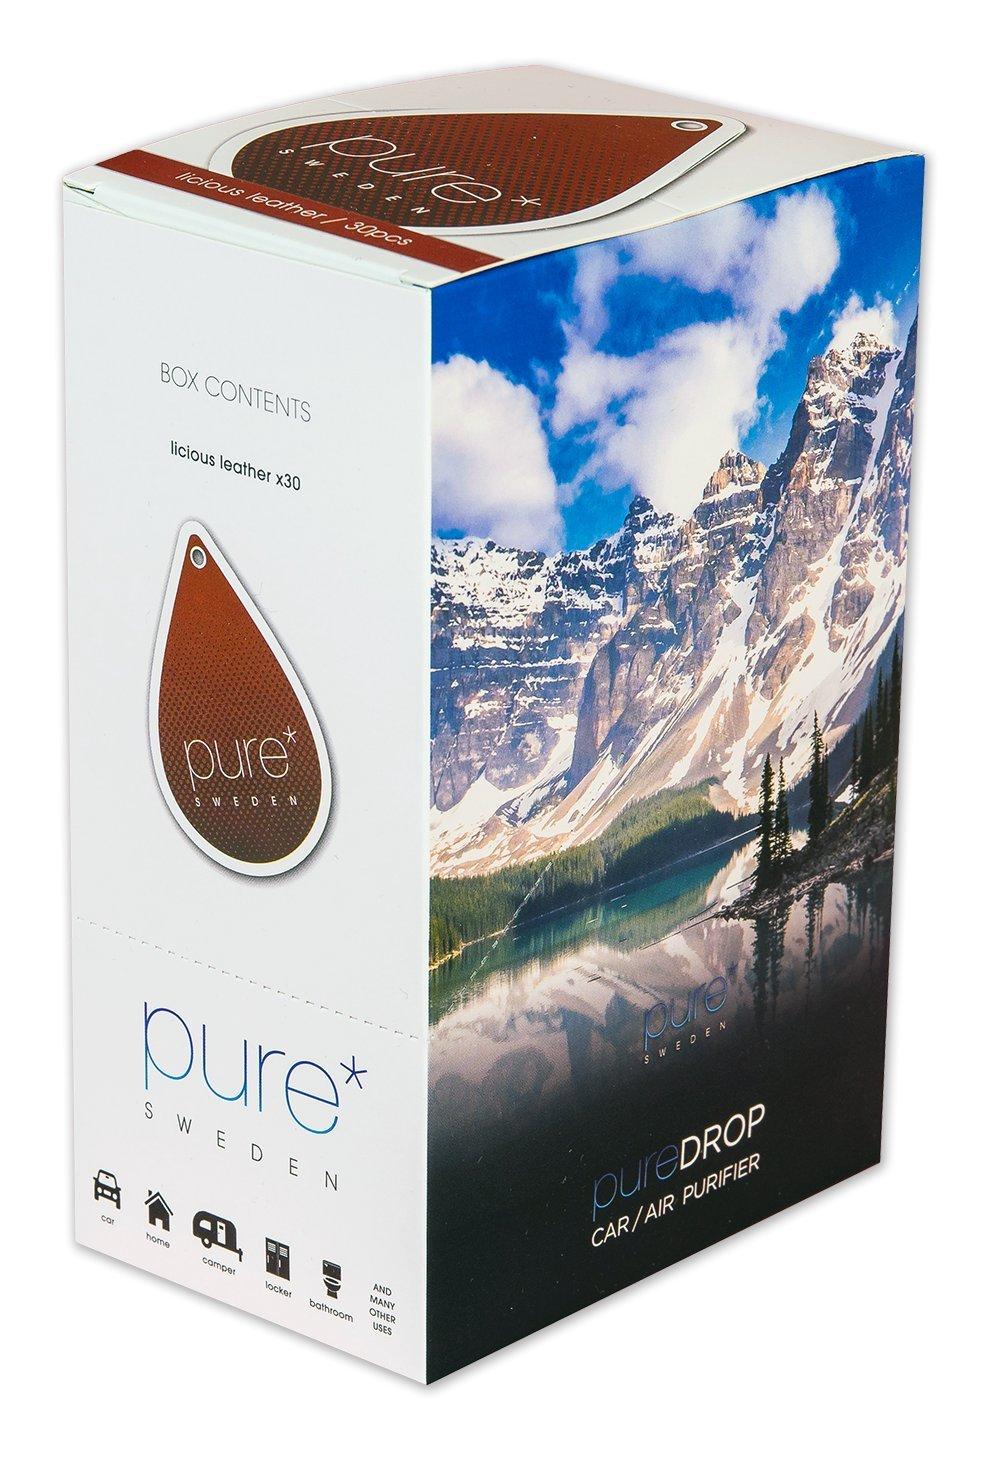 Amazon.es: Pure Drop, 30 piezas de caja de piel/mantel de piel, purificador de aire en papel, ambientador de coche unidad de limpieza de aire natural, purificador de aire para el hogar, activpureificador